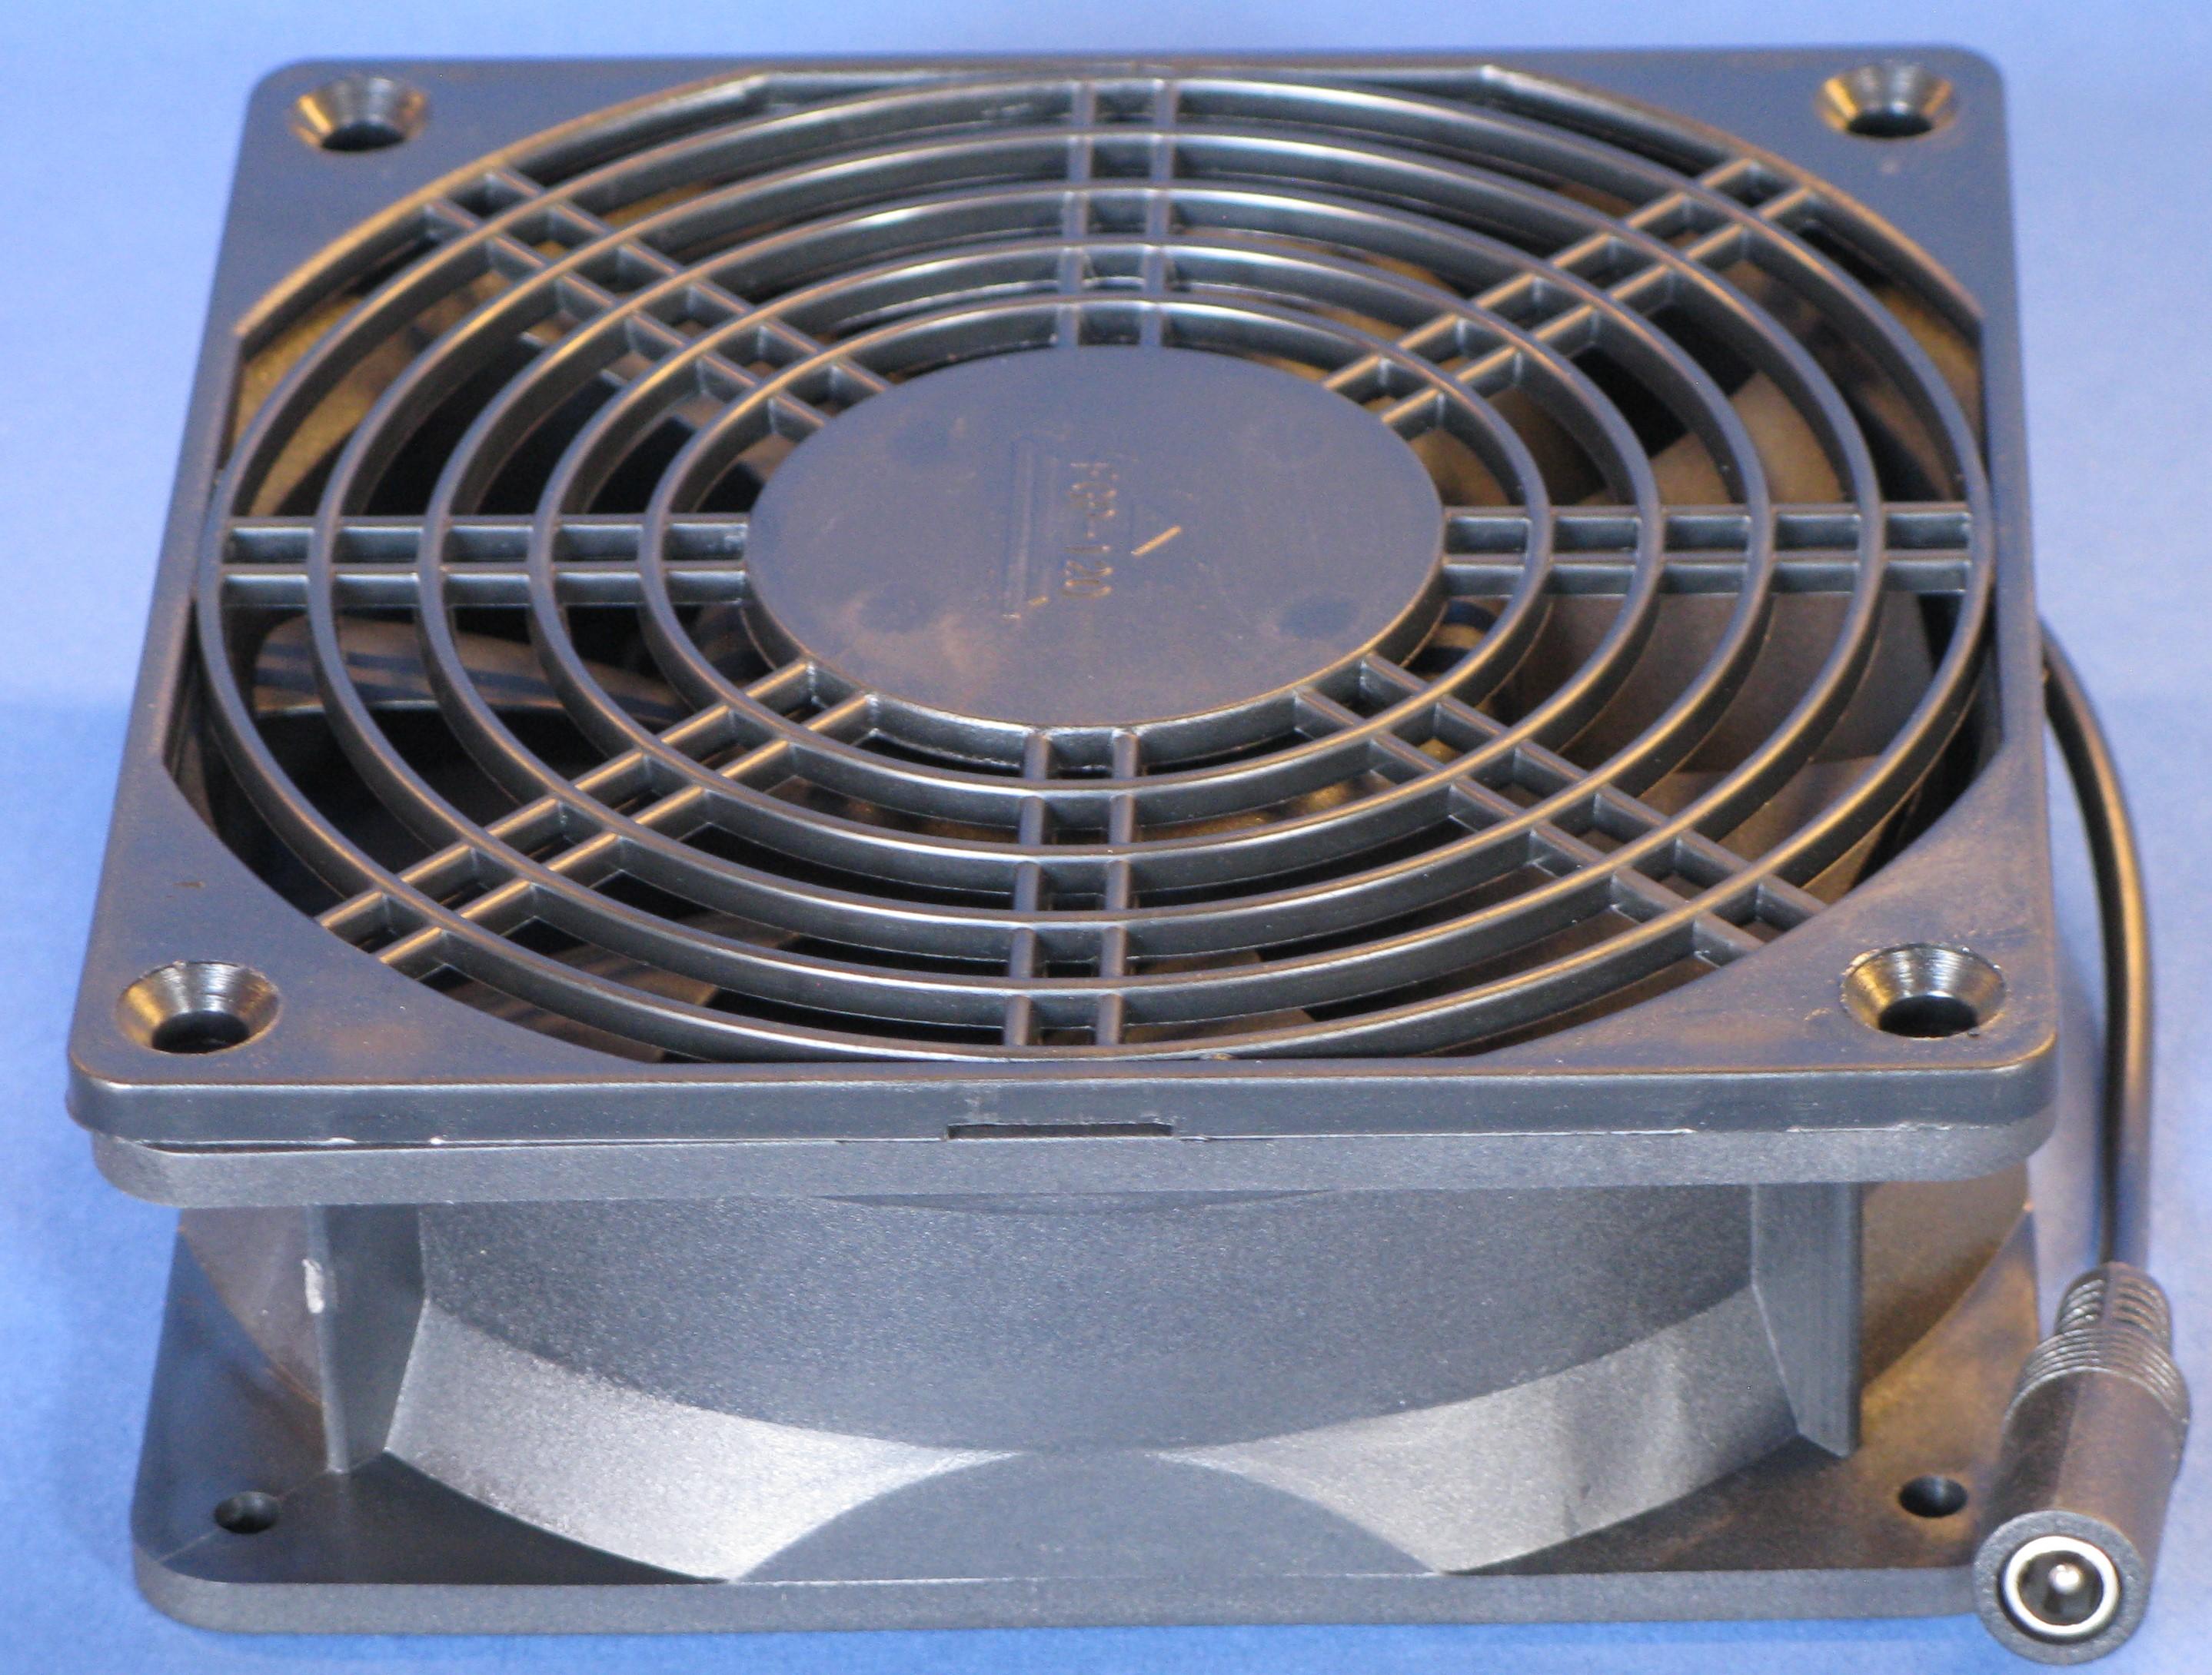 12 Volt Fan & Grill